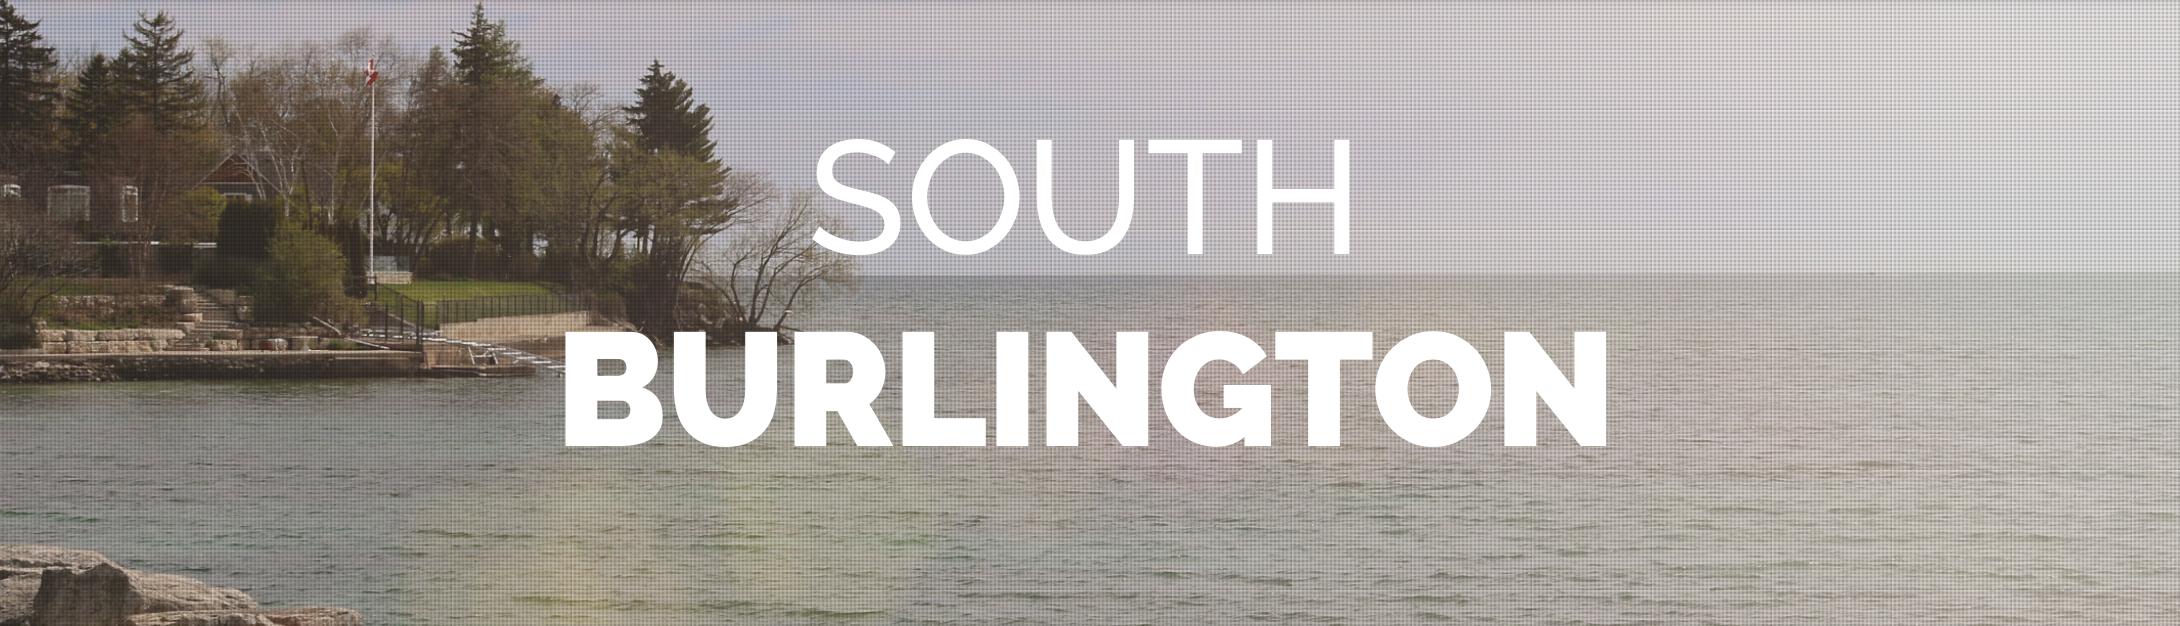 South Burlington